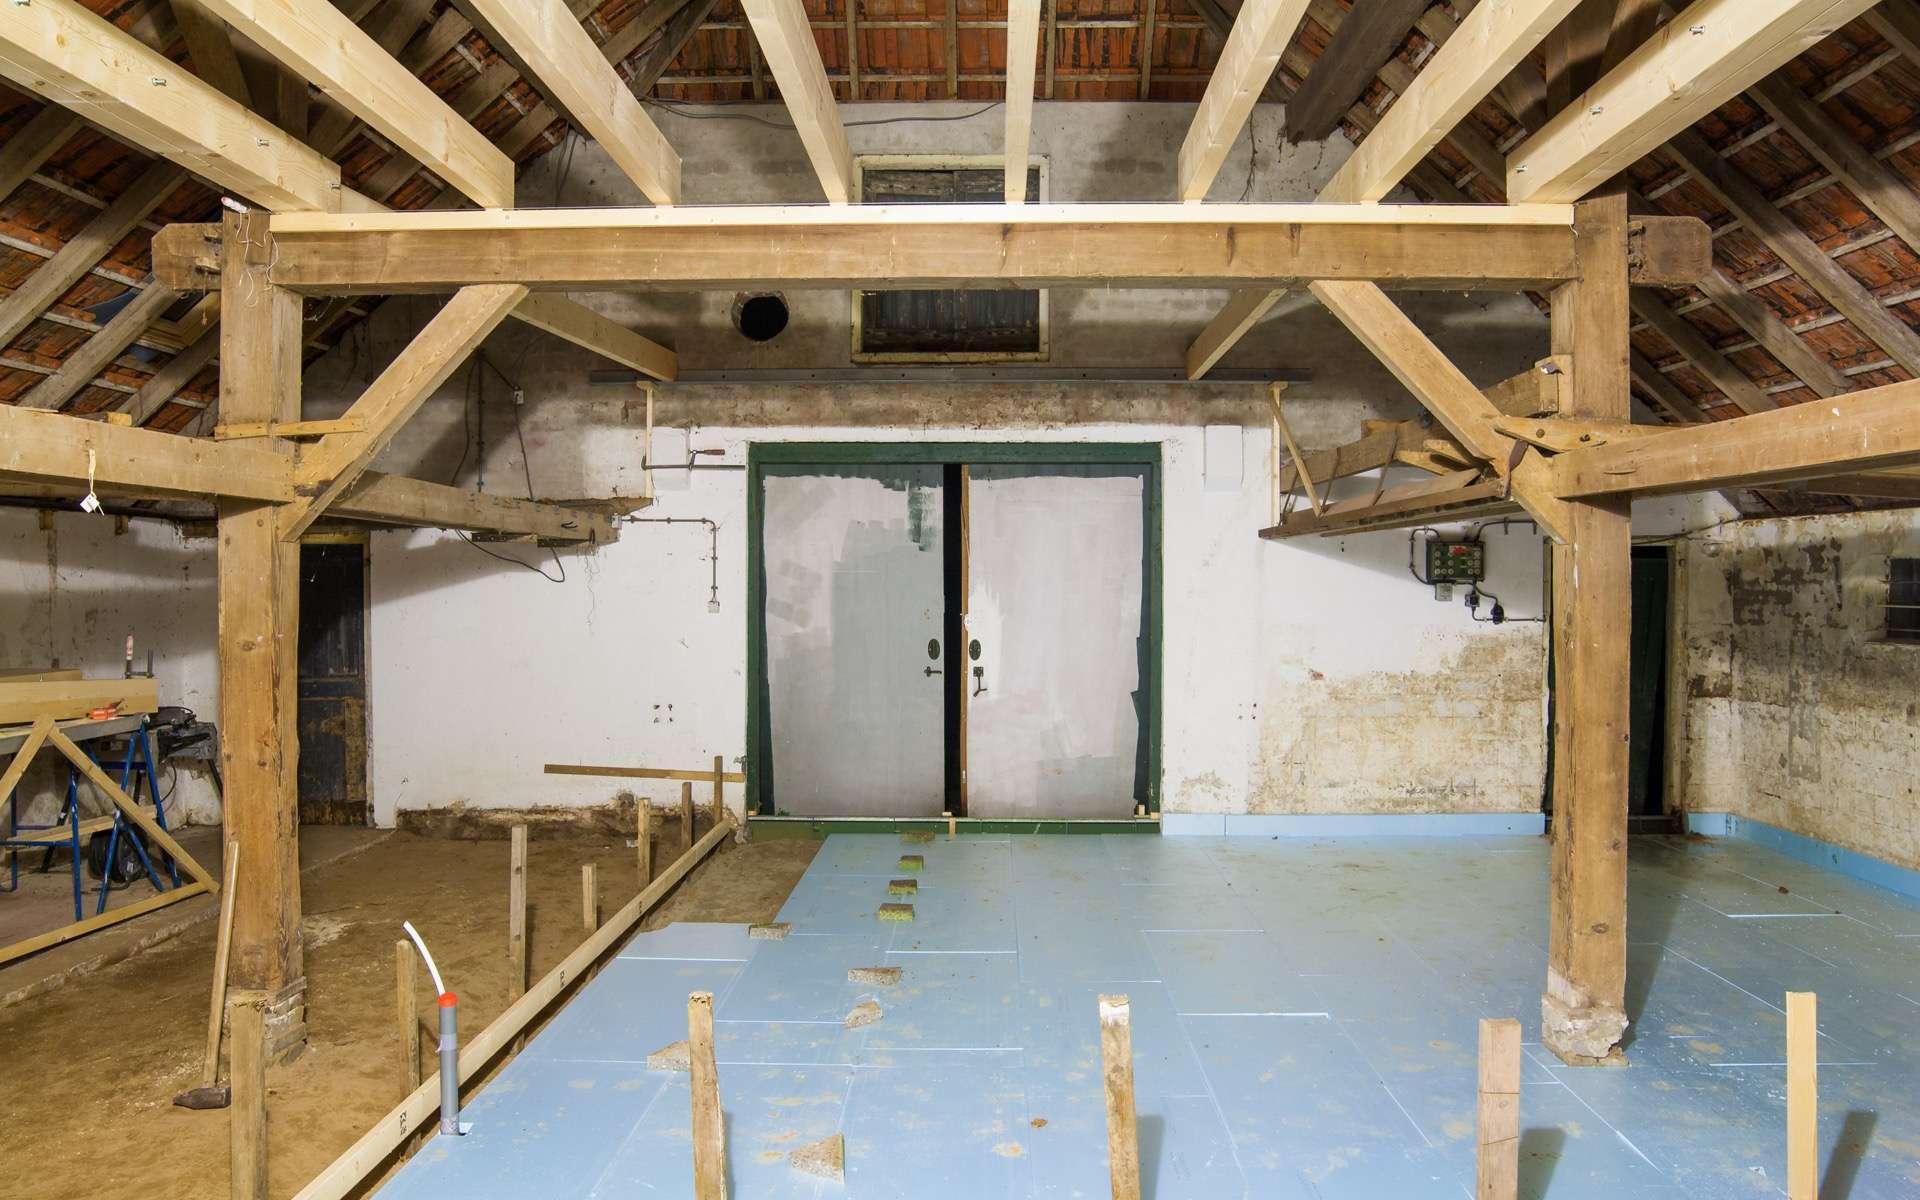 La contre-cloison se monte sur les murs intérieurs, par exemple dans le cadre de la rénovation d'un bâtiment. © Leandervasse, Adobe Stock